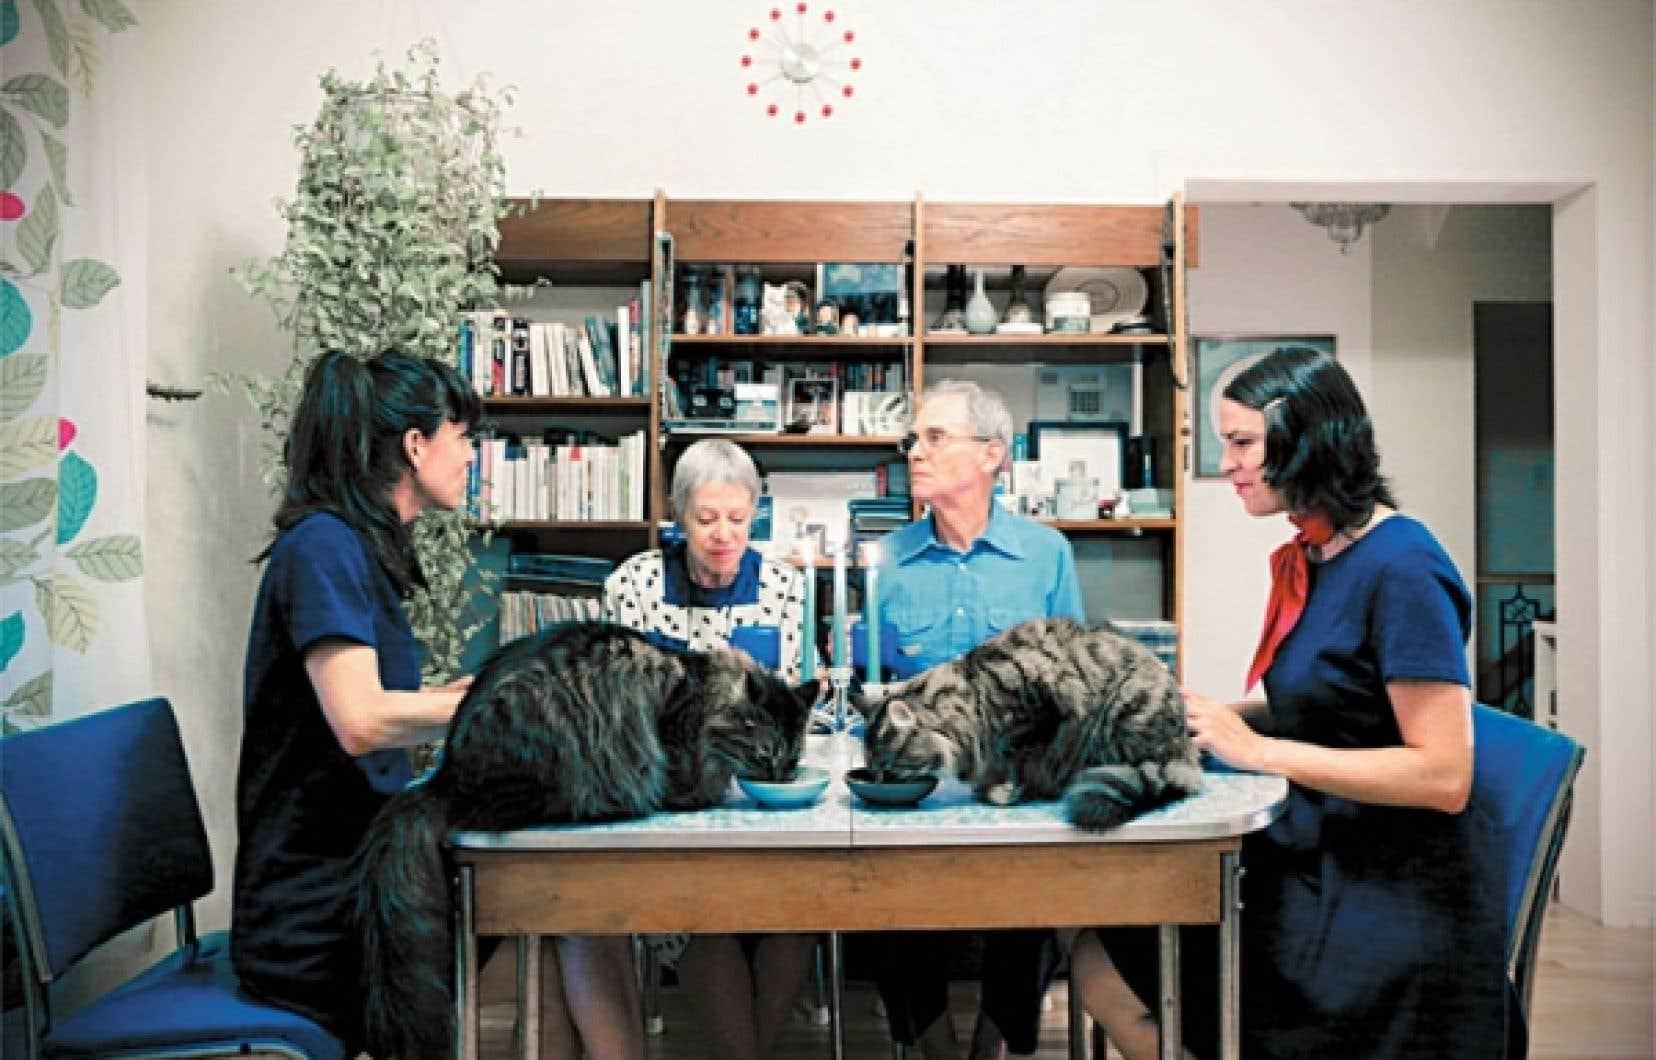 À mon dernier repas, je veux voir mes chats, 2012, de Sandra Lachance.